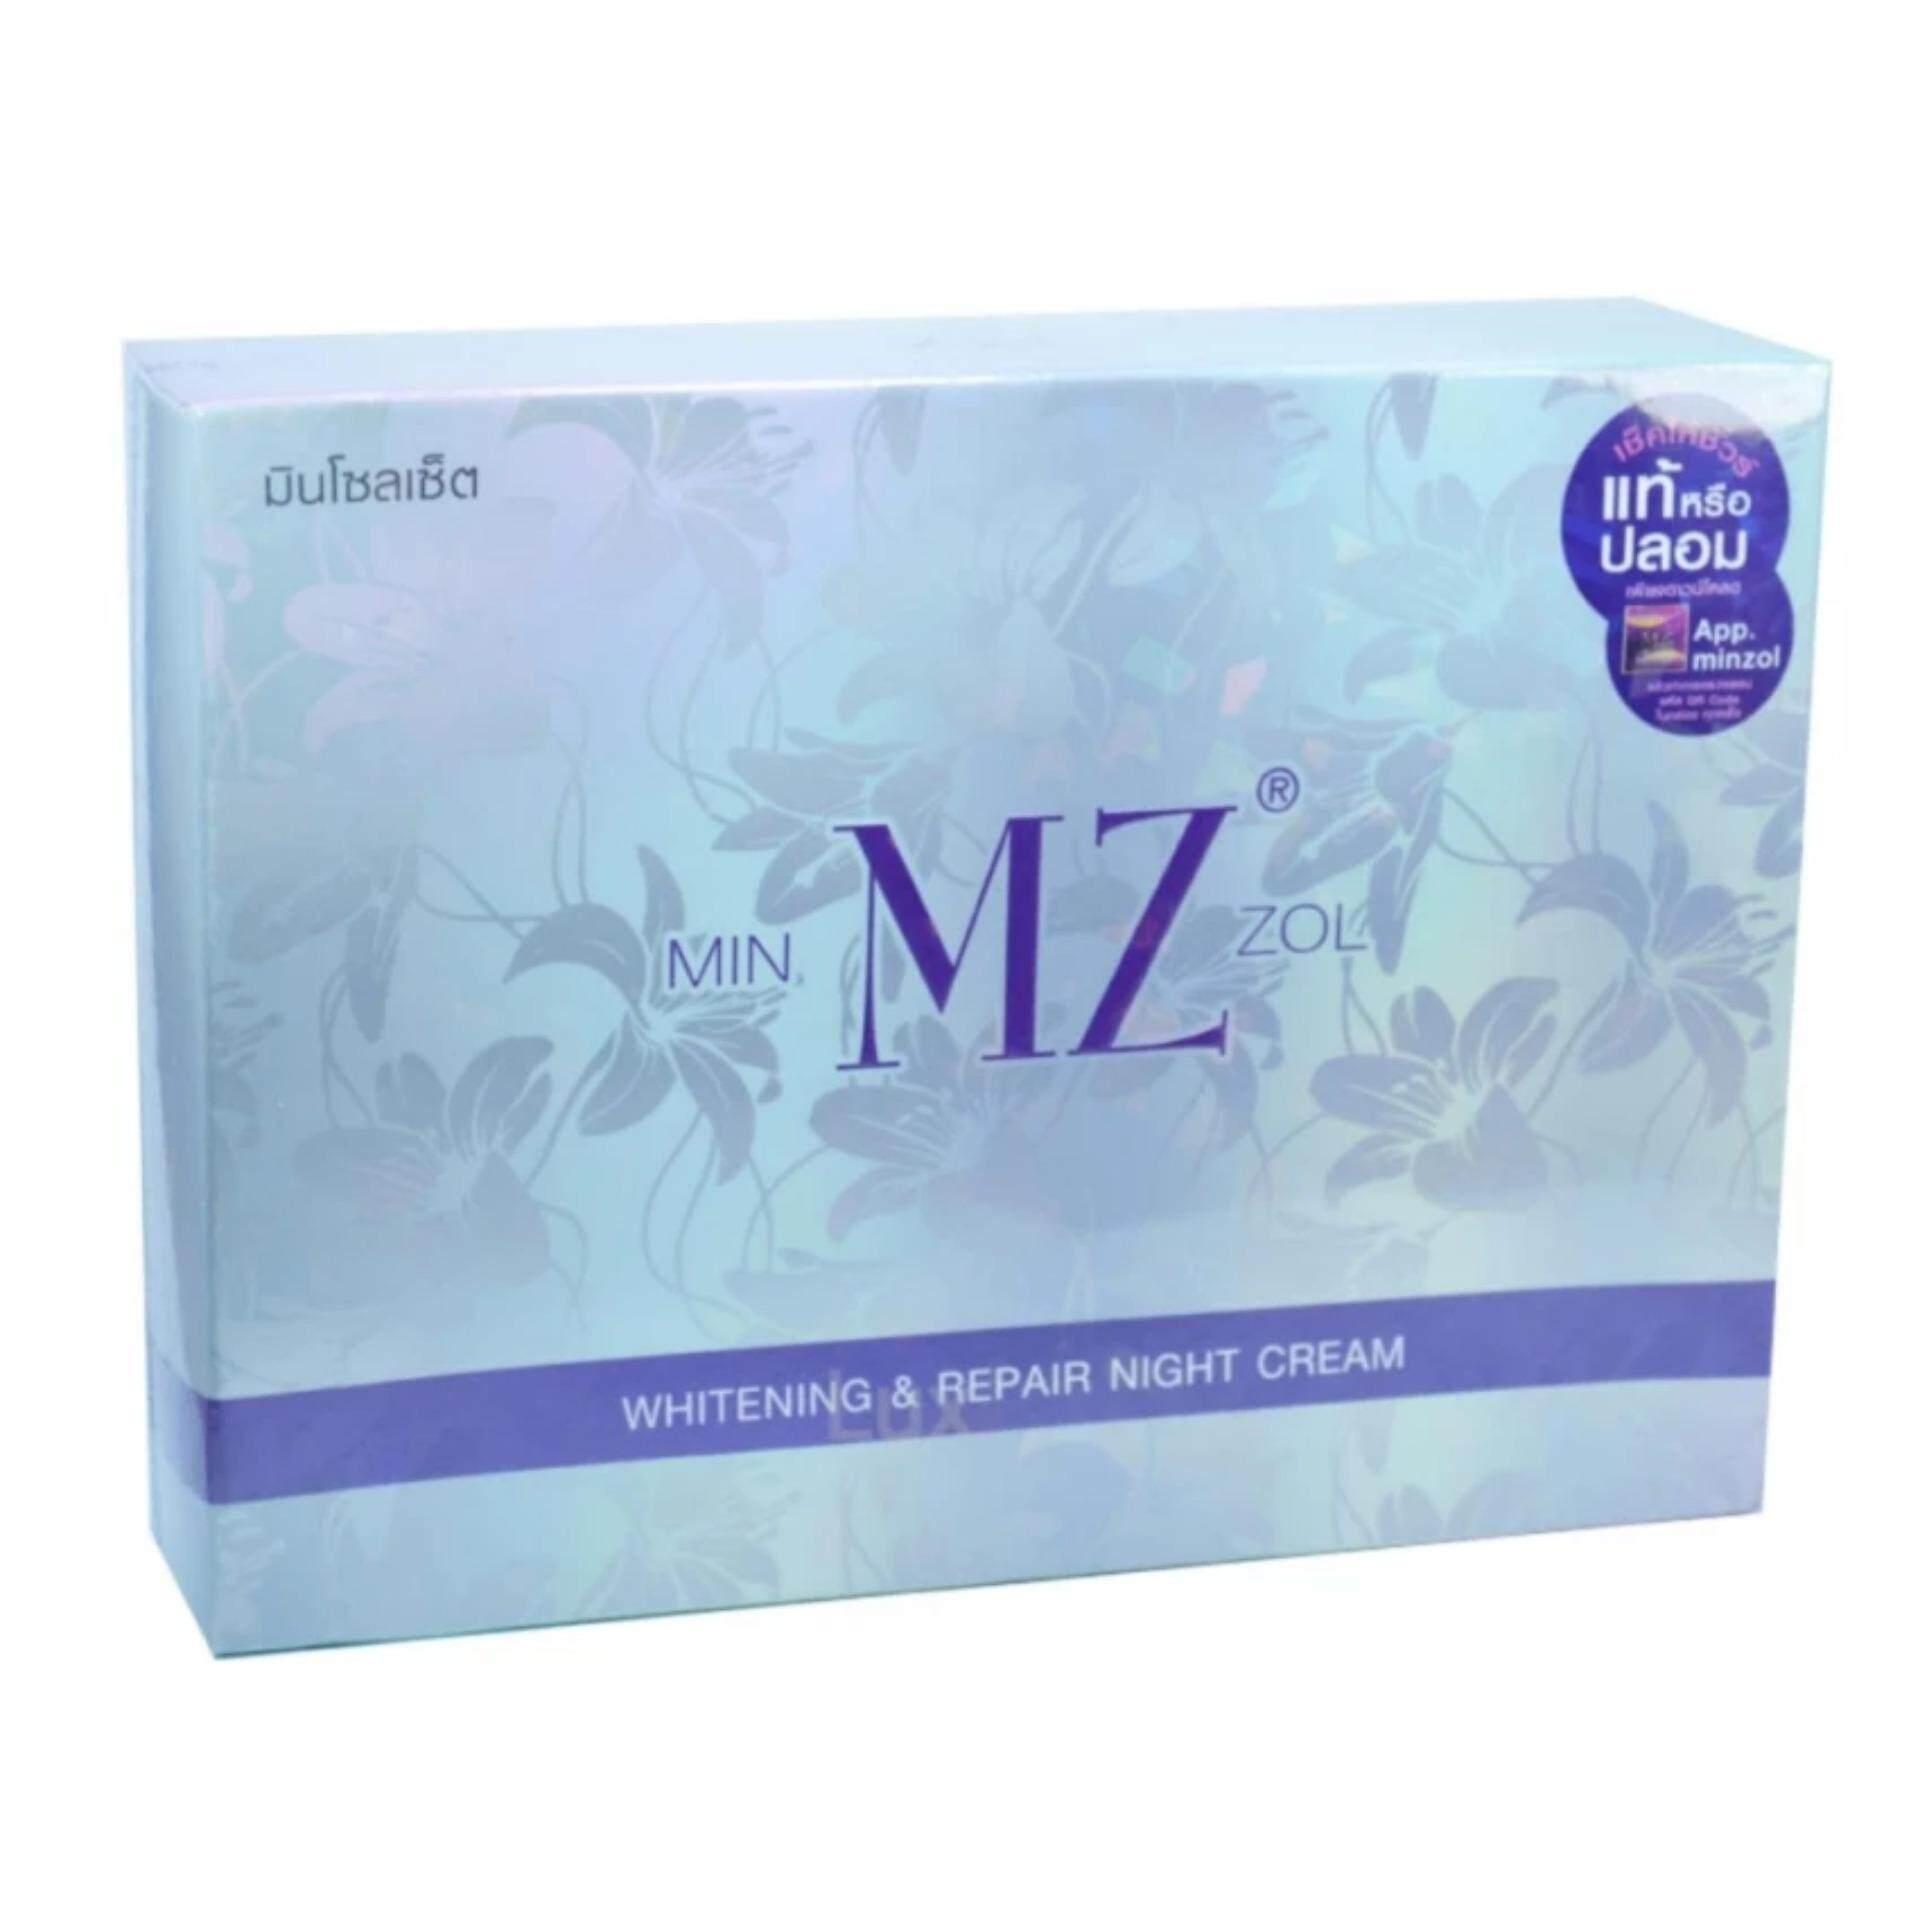 ครีมหน้าขาว-MinZol ครีมมินโซว หน้าขาว กระจ่างใส ไร้สิว (ของแท้100%)